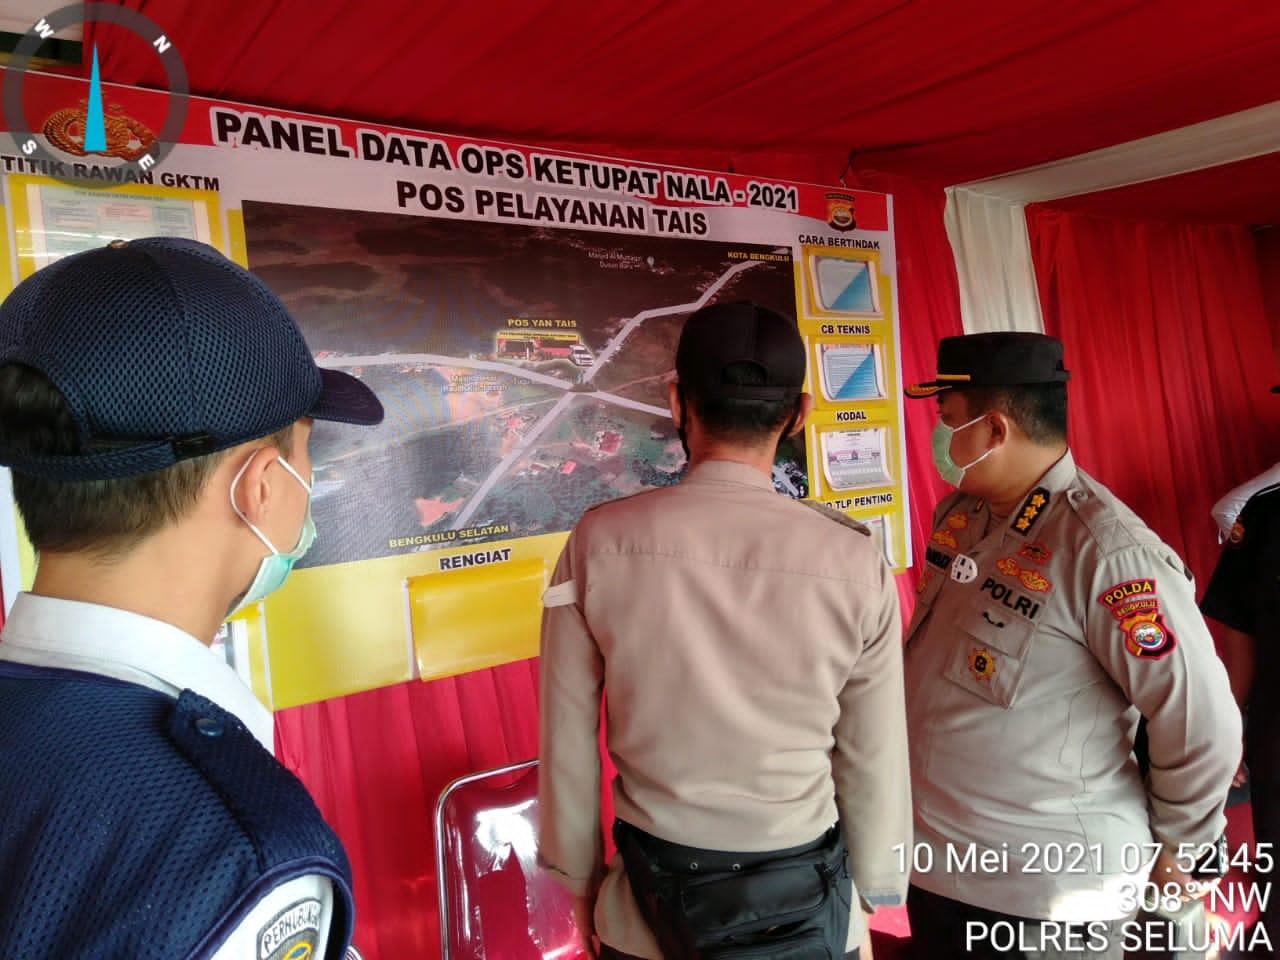 Cek Pelaksanaan Ops Ketupat di Simpang 6 Tais, Tim Supervisi Ingatkan Personil Tak Bosan imbau Prokes Covid-19